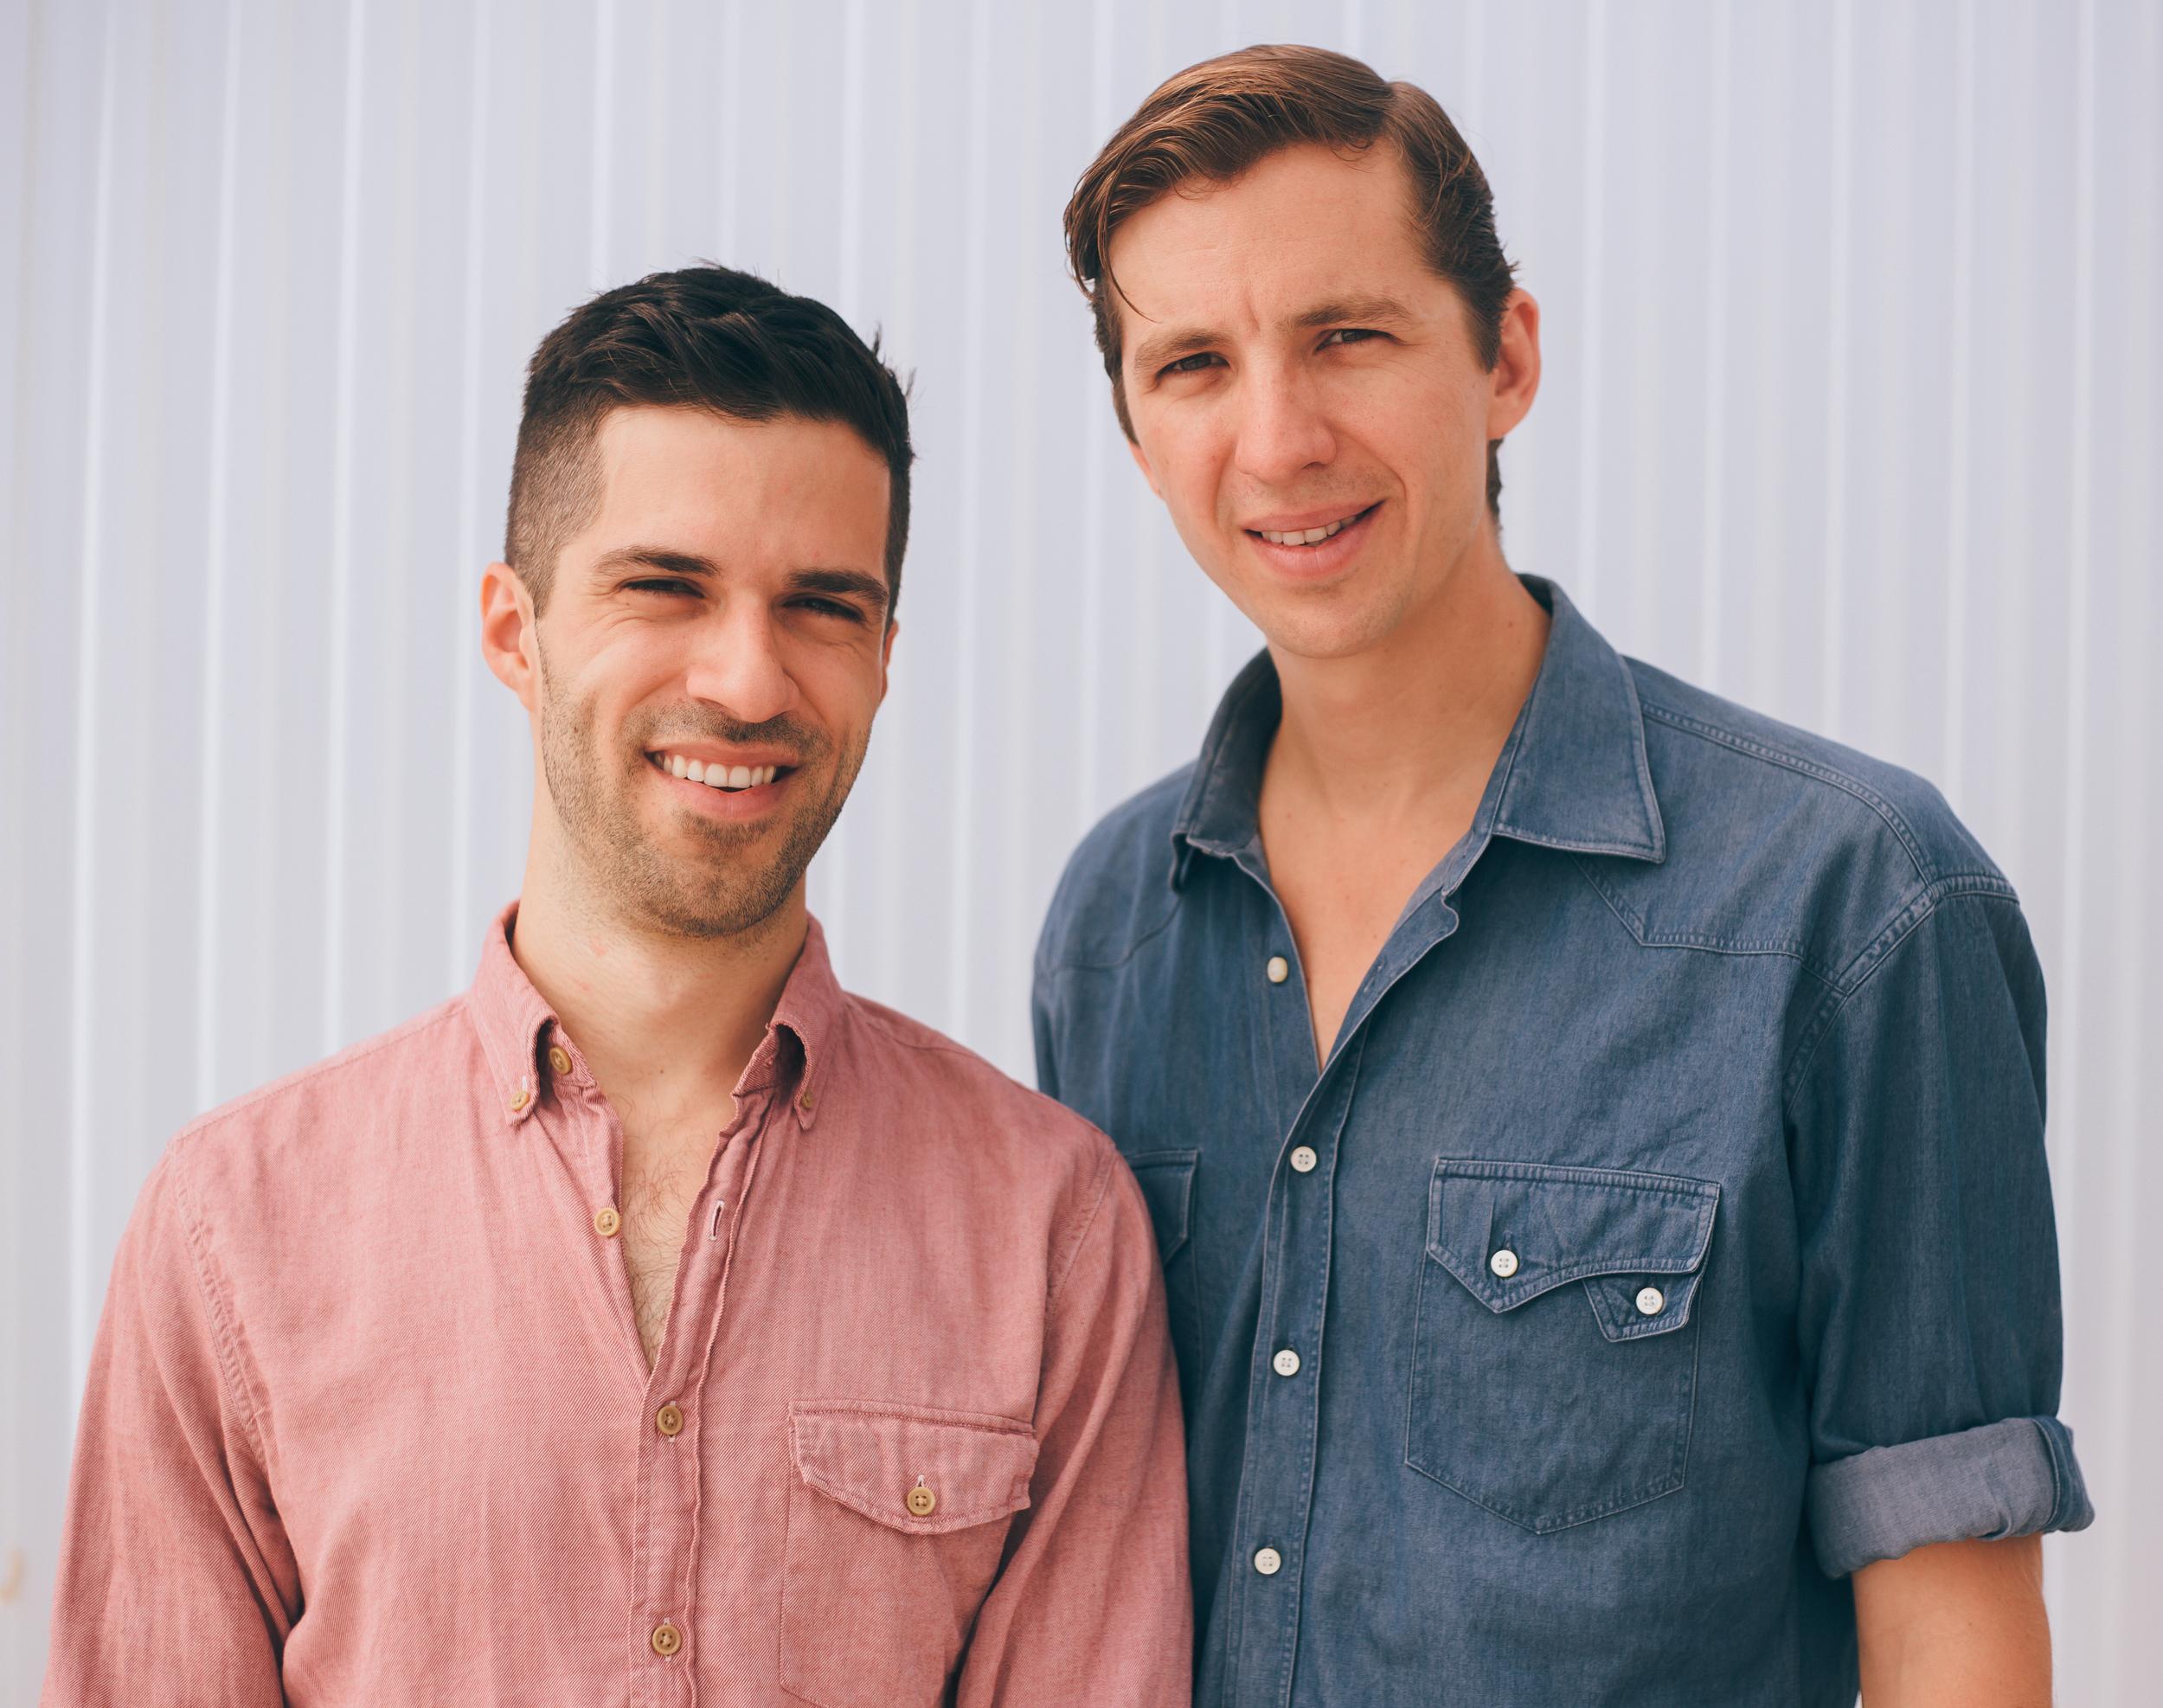 Joseph (L) and David (R)